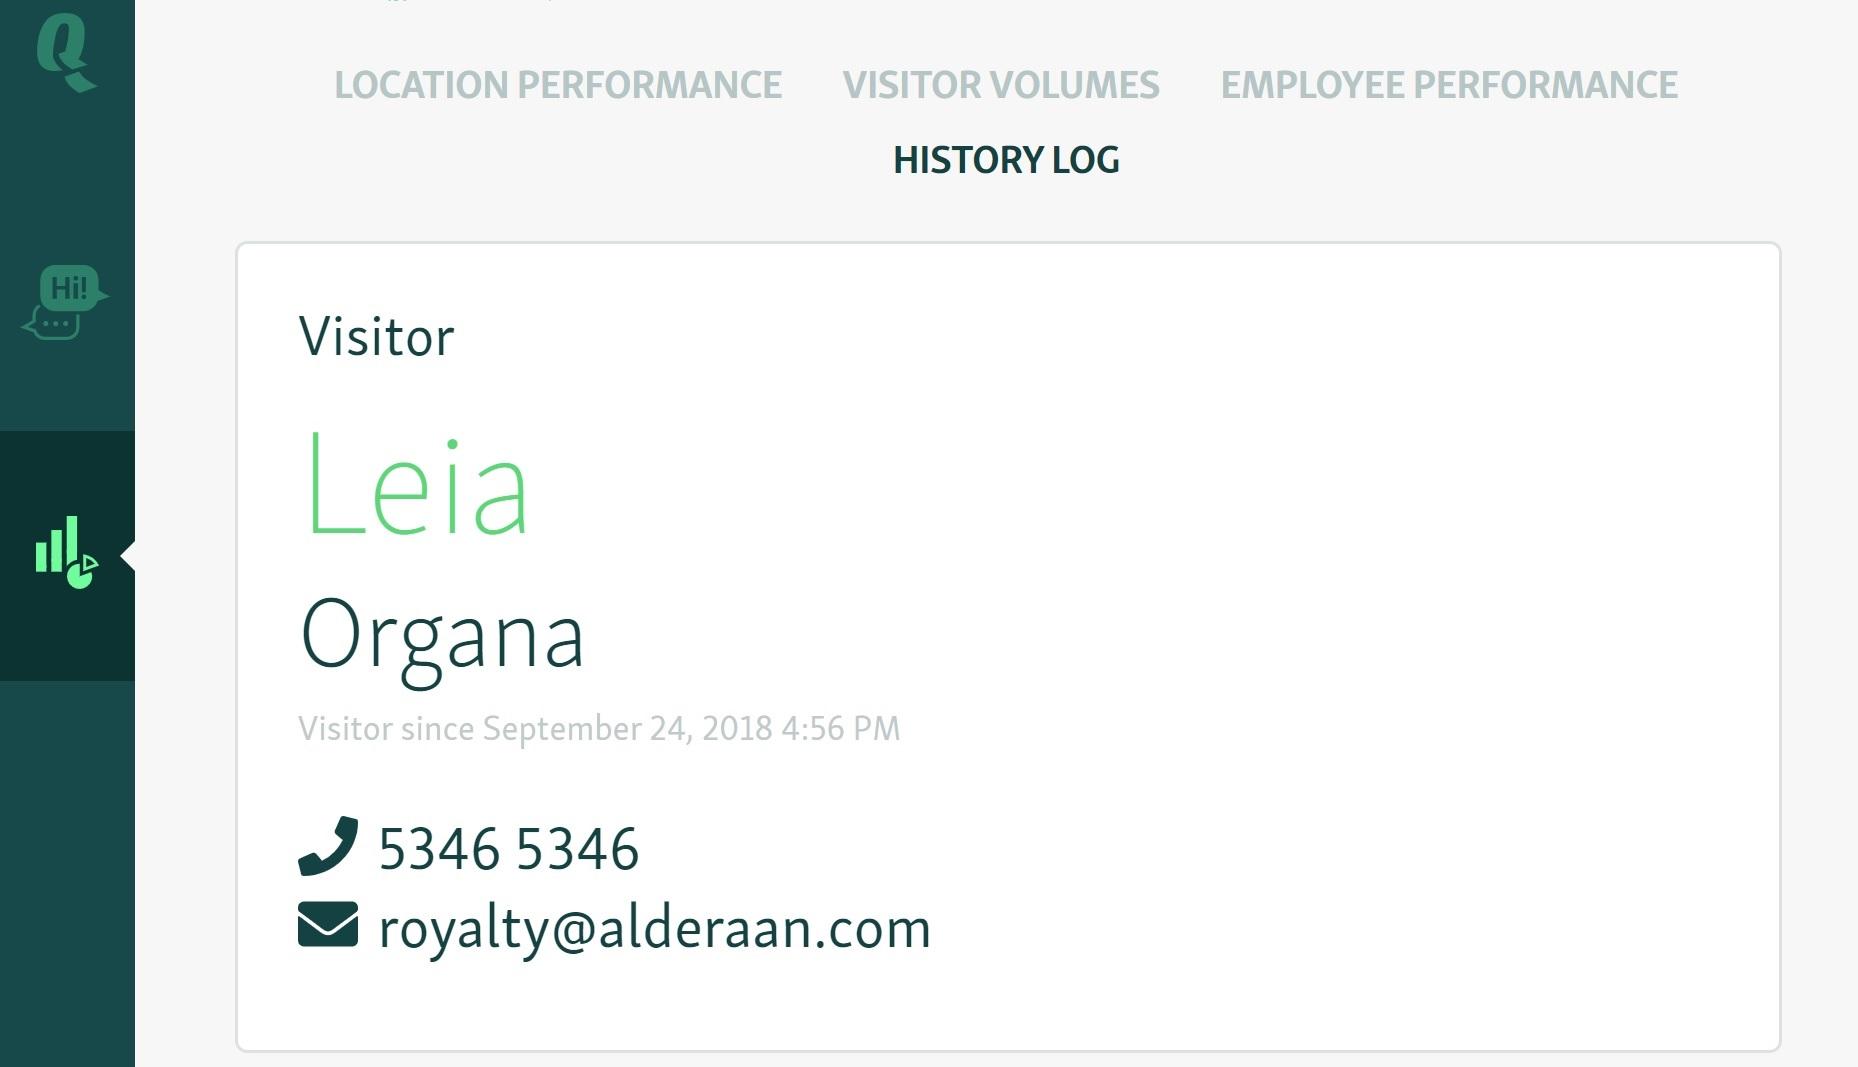 customer interaction history log